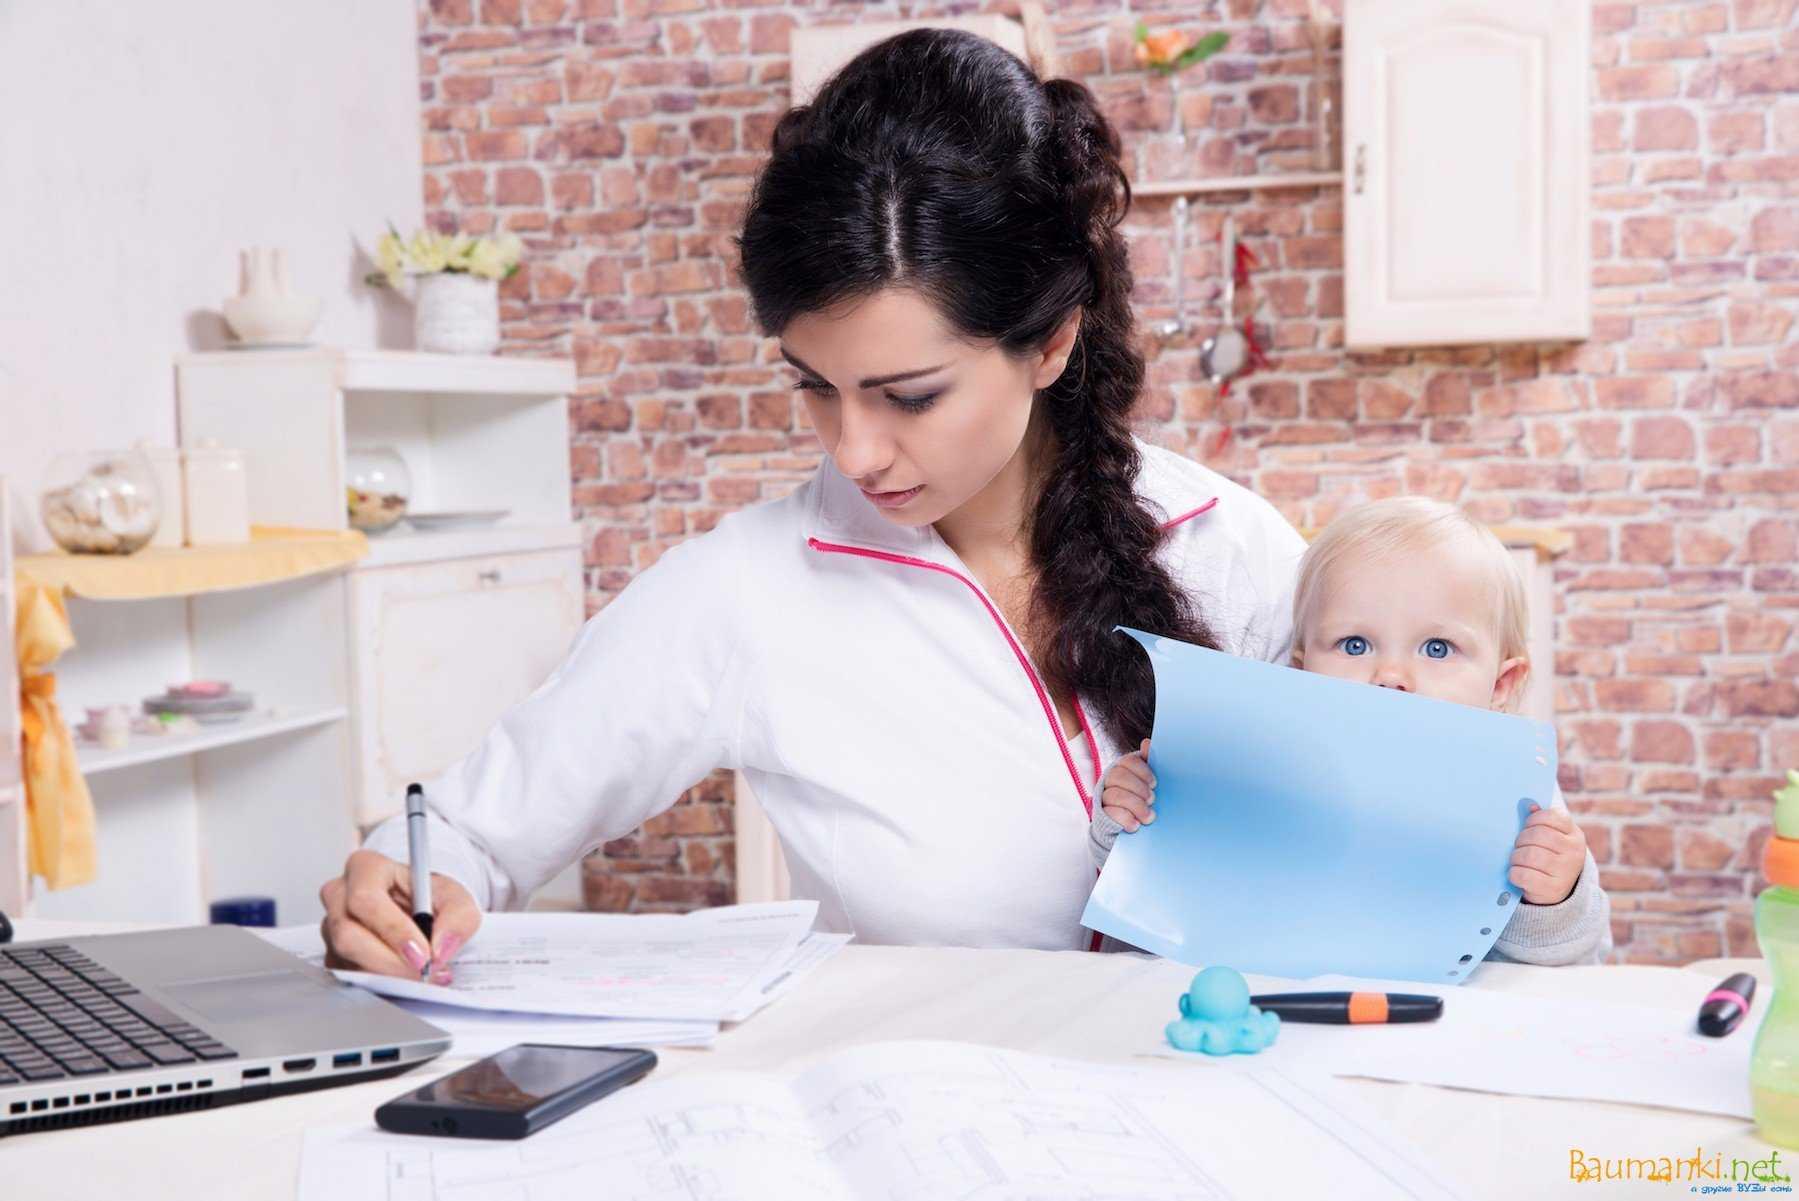 Эмоциональное выгорание мамы в декретном отпуске (рекомендации психолога)